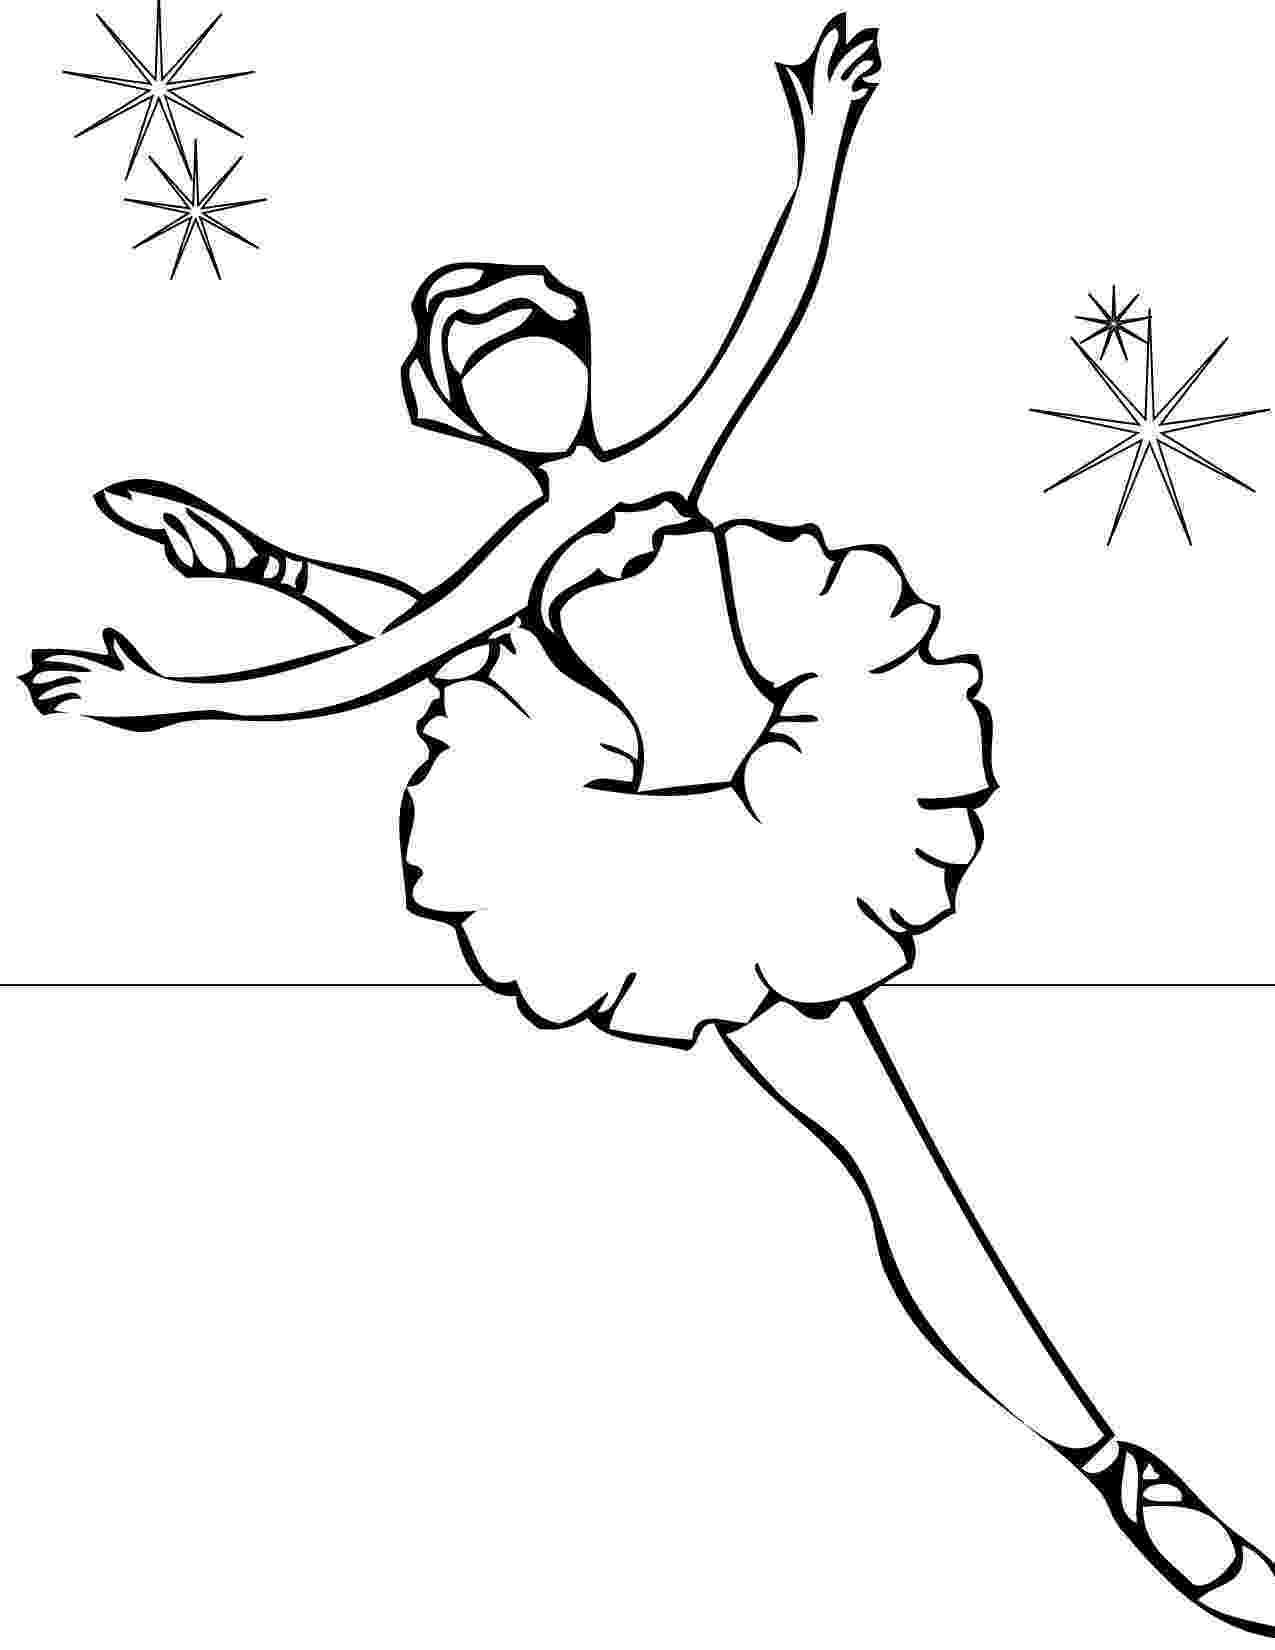 ballerina coloring pictures ausmalbilder für kinder malvorlagen und malbuch ballet coloring ballerina pictures